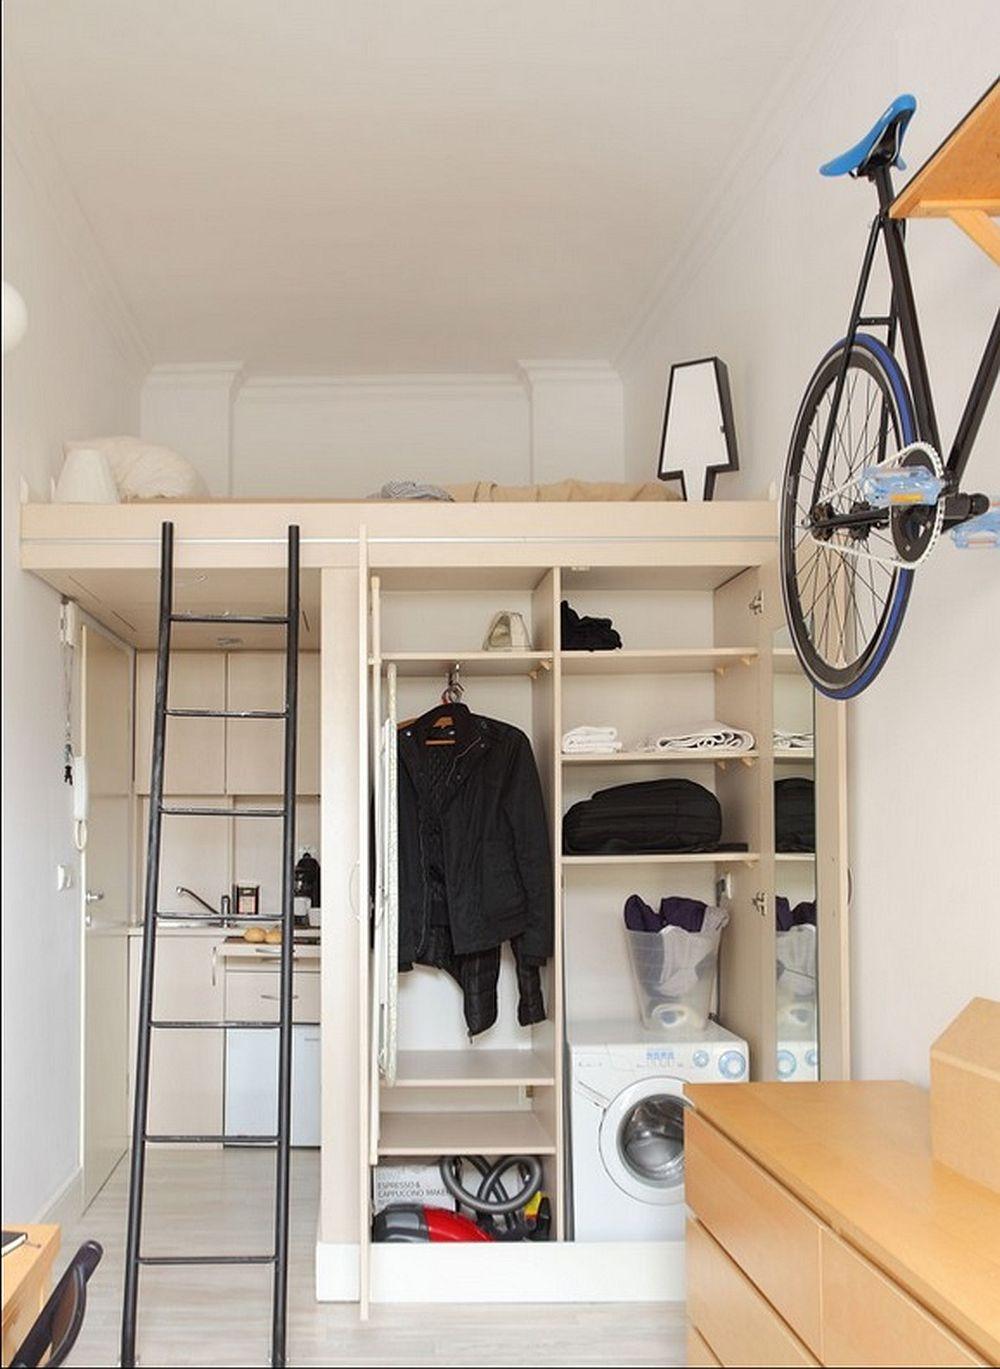 Interiorul dulapului este bine organizat, iar aici sunt prevăzute și locurile pentru aspirator și mașina de spălat rufe.